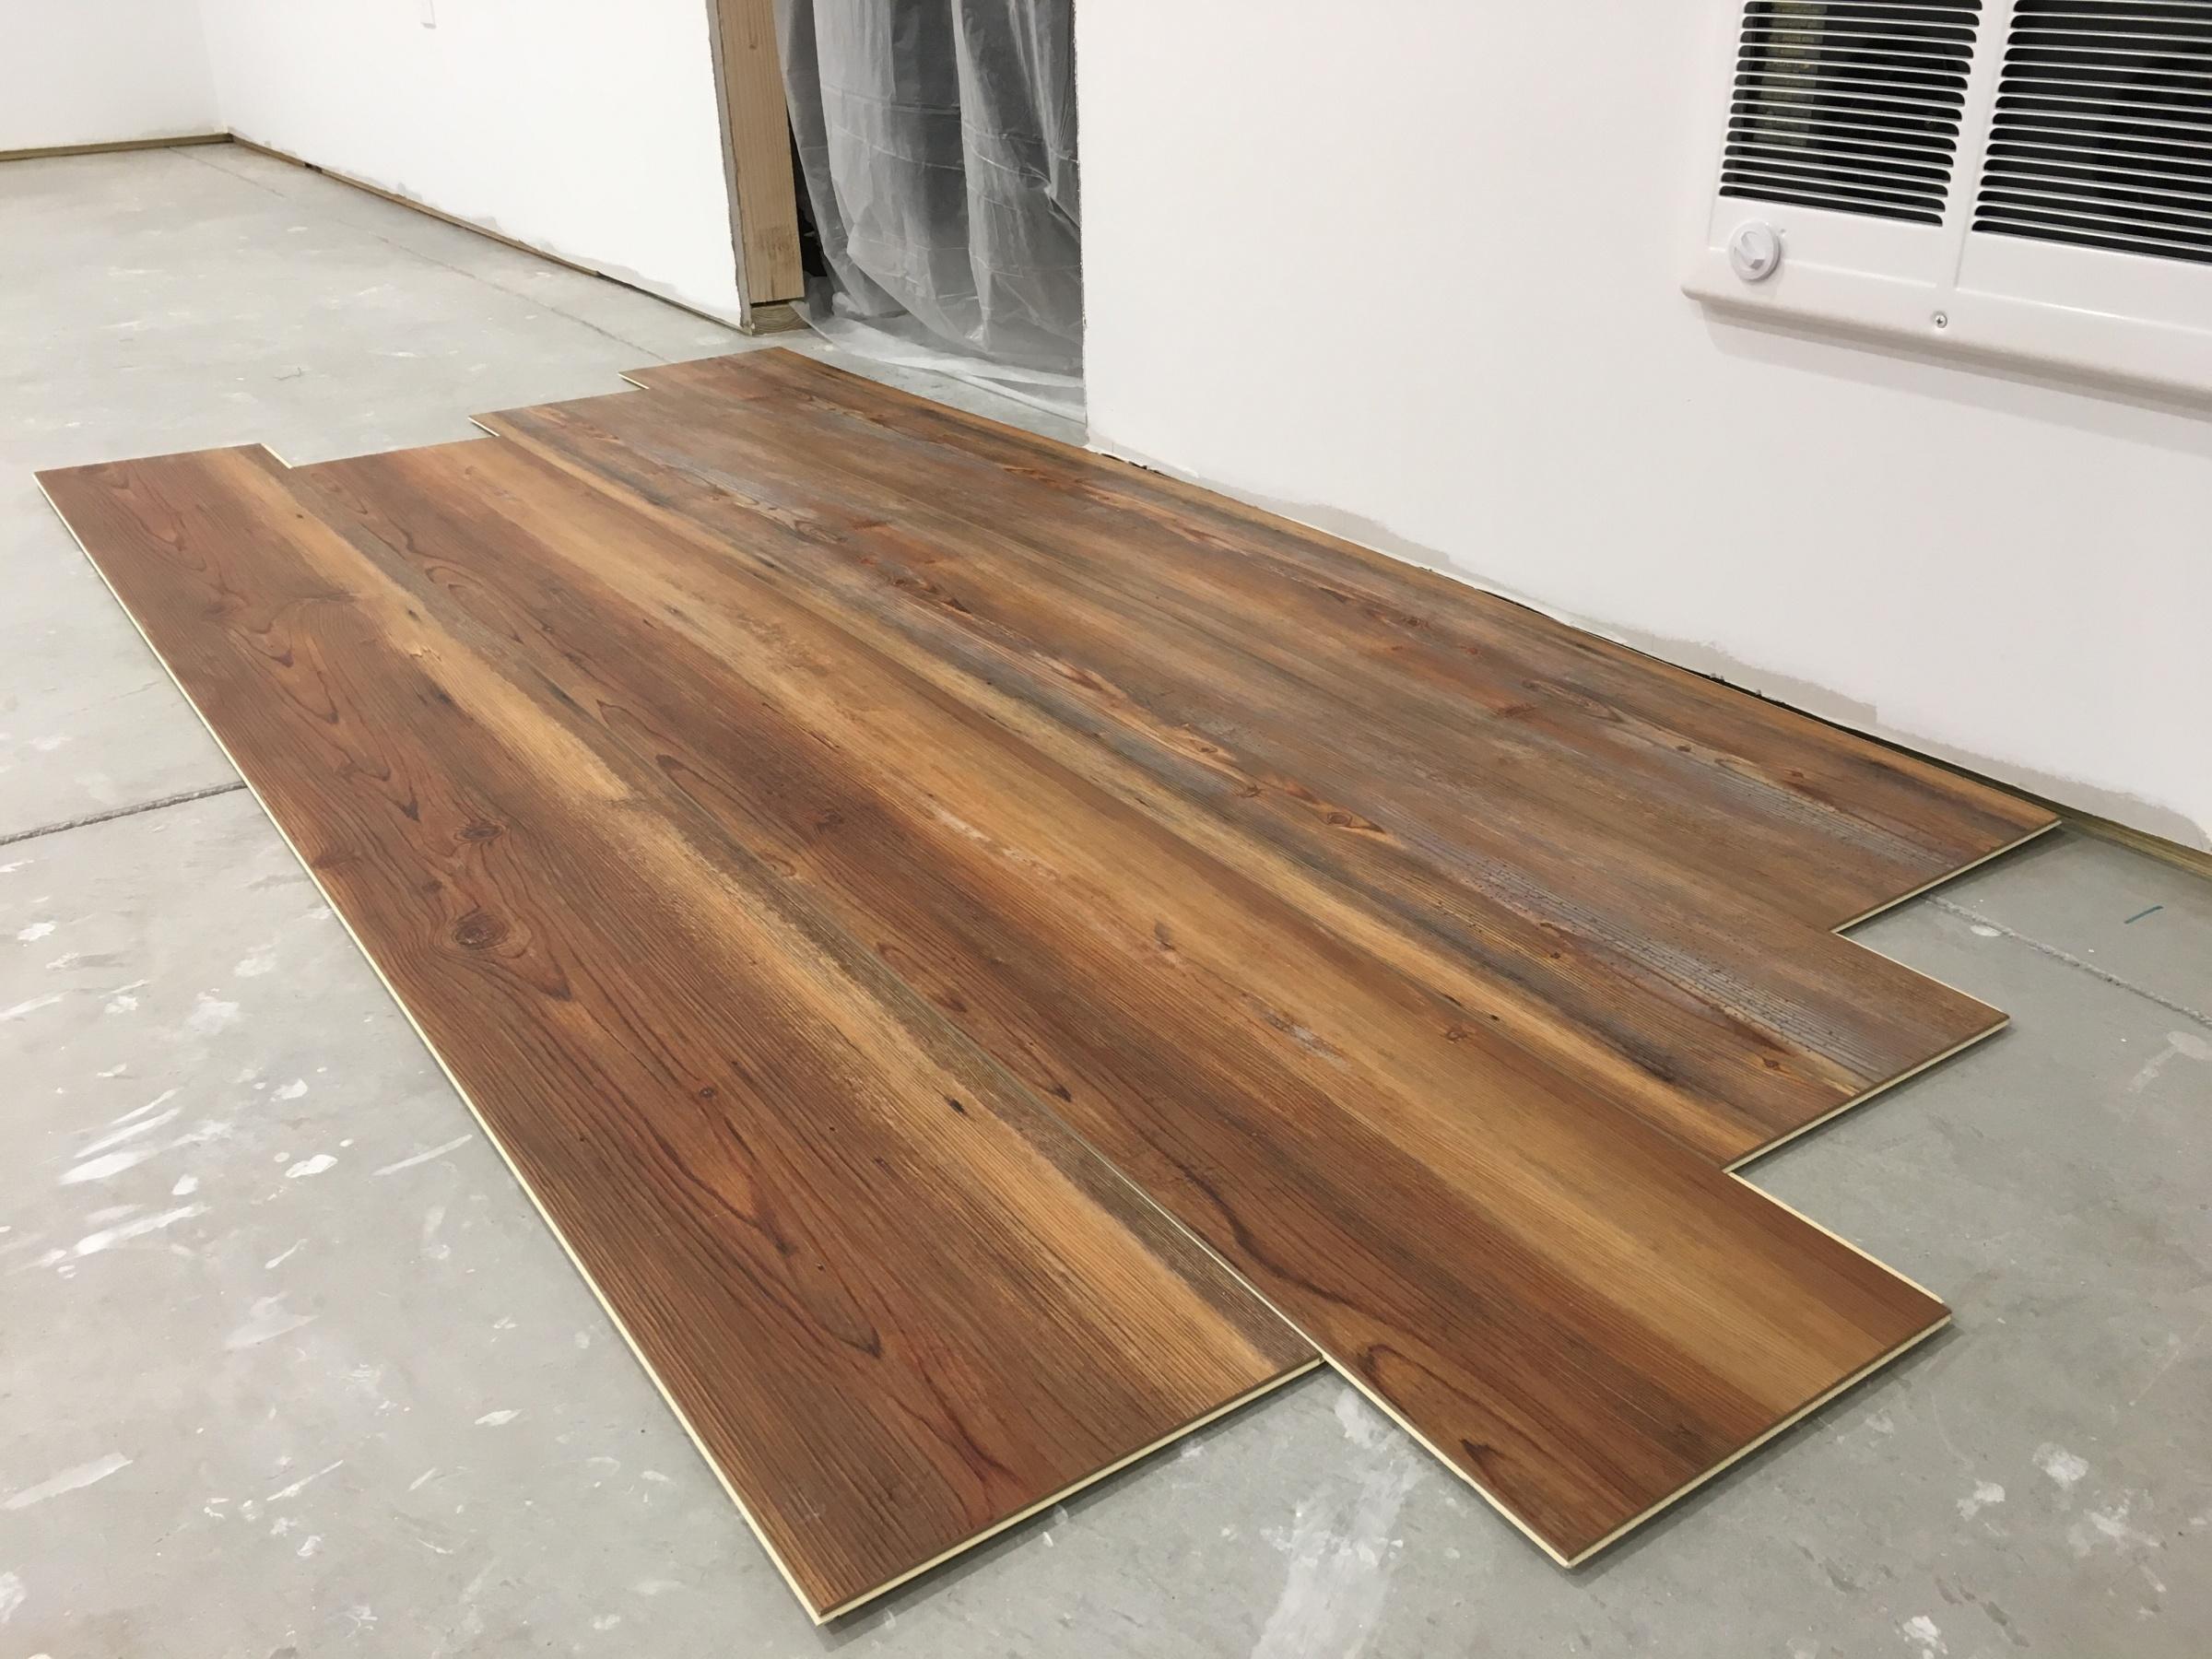 LVP on uneven basement floor?-img_2381.jpg